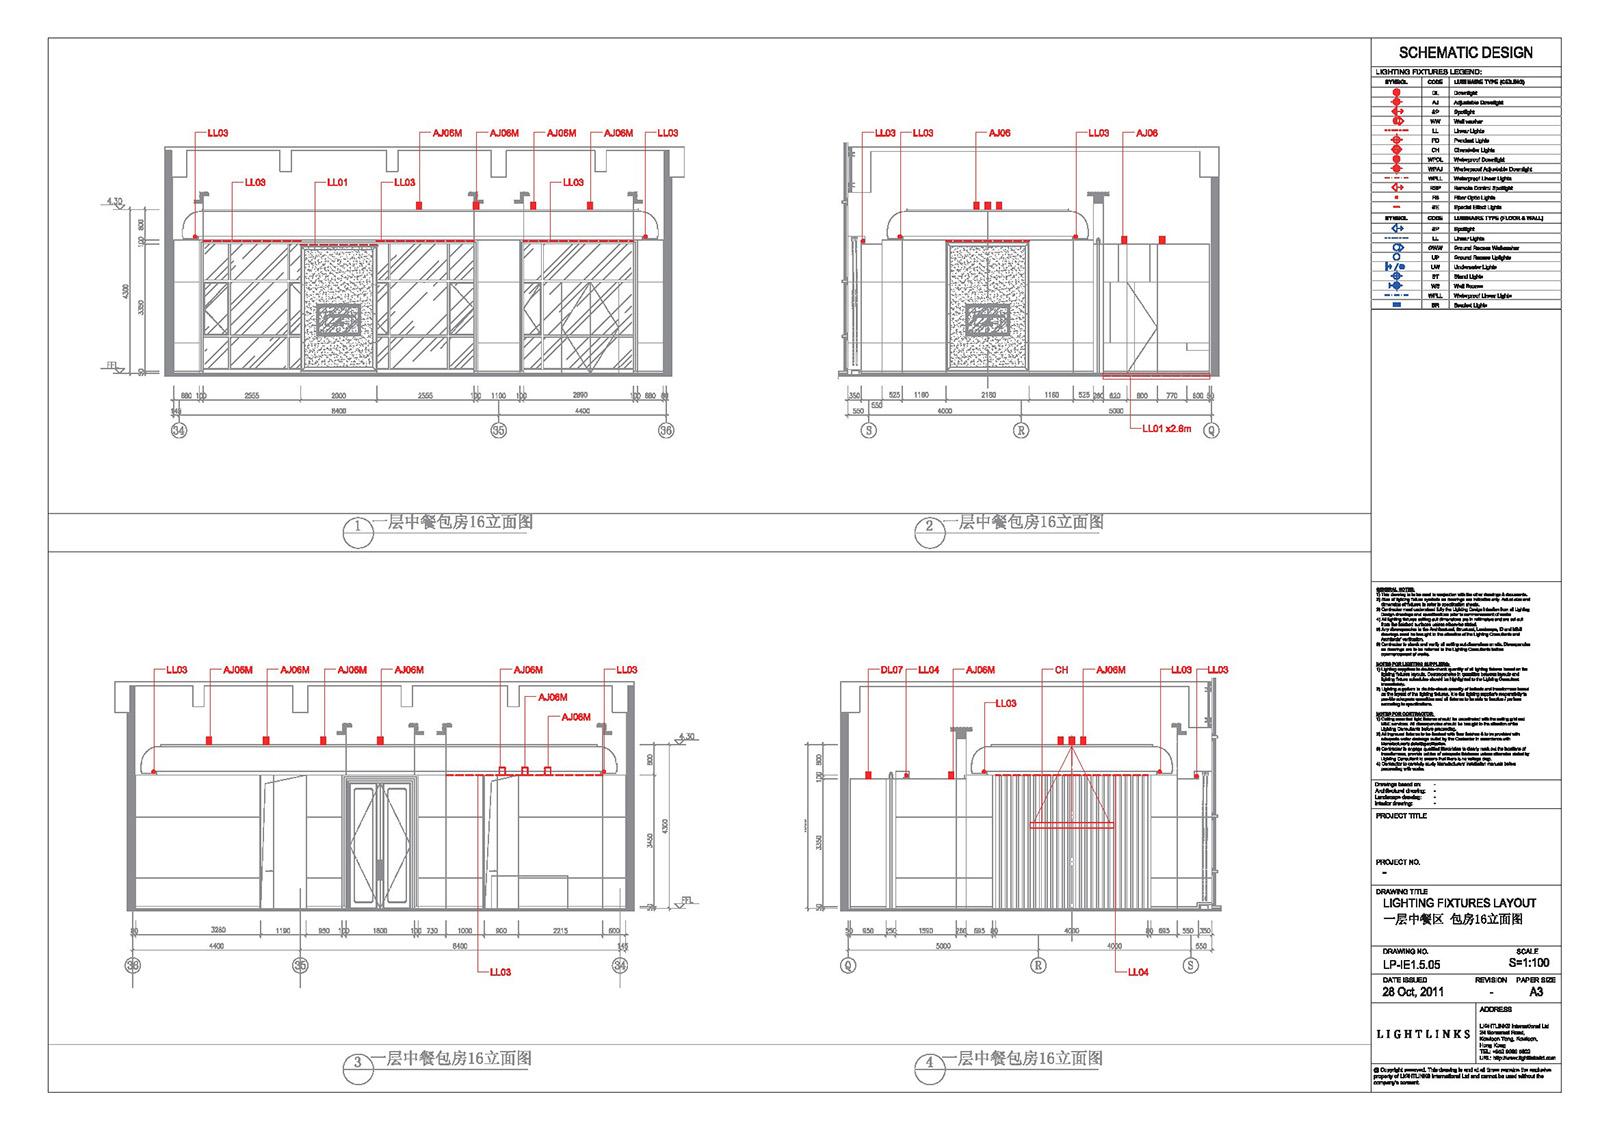 schematic designer